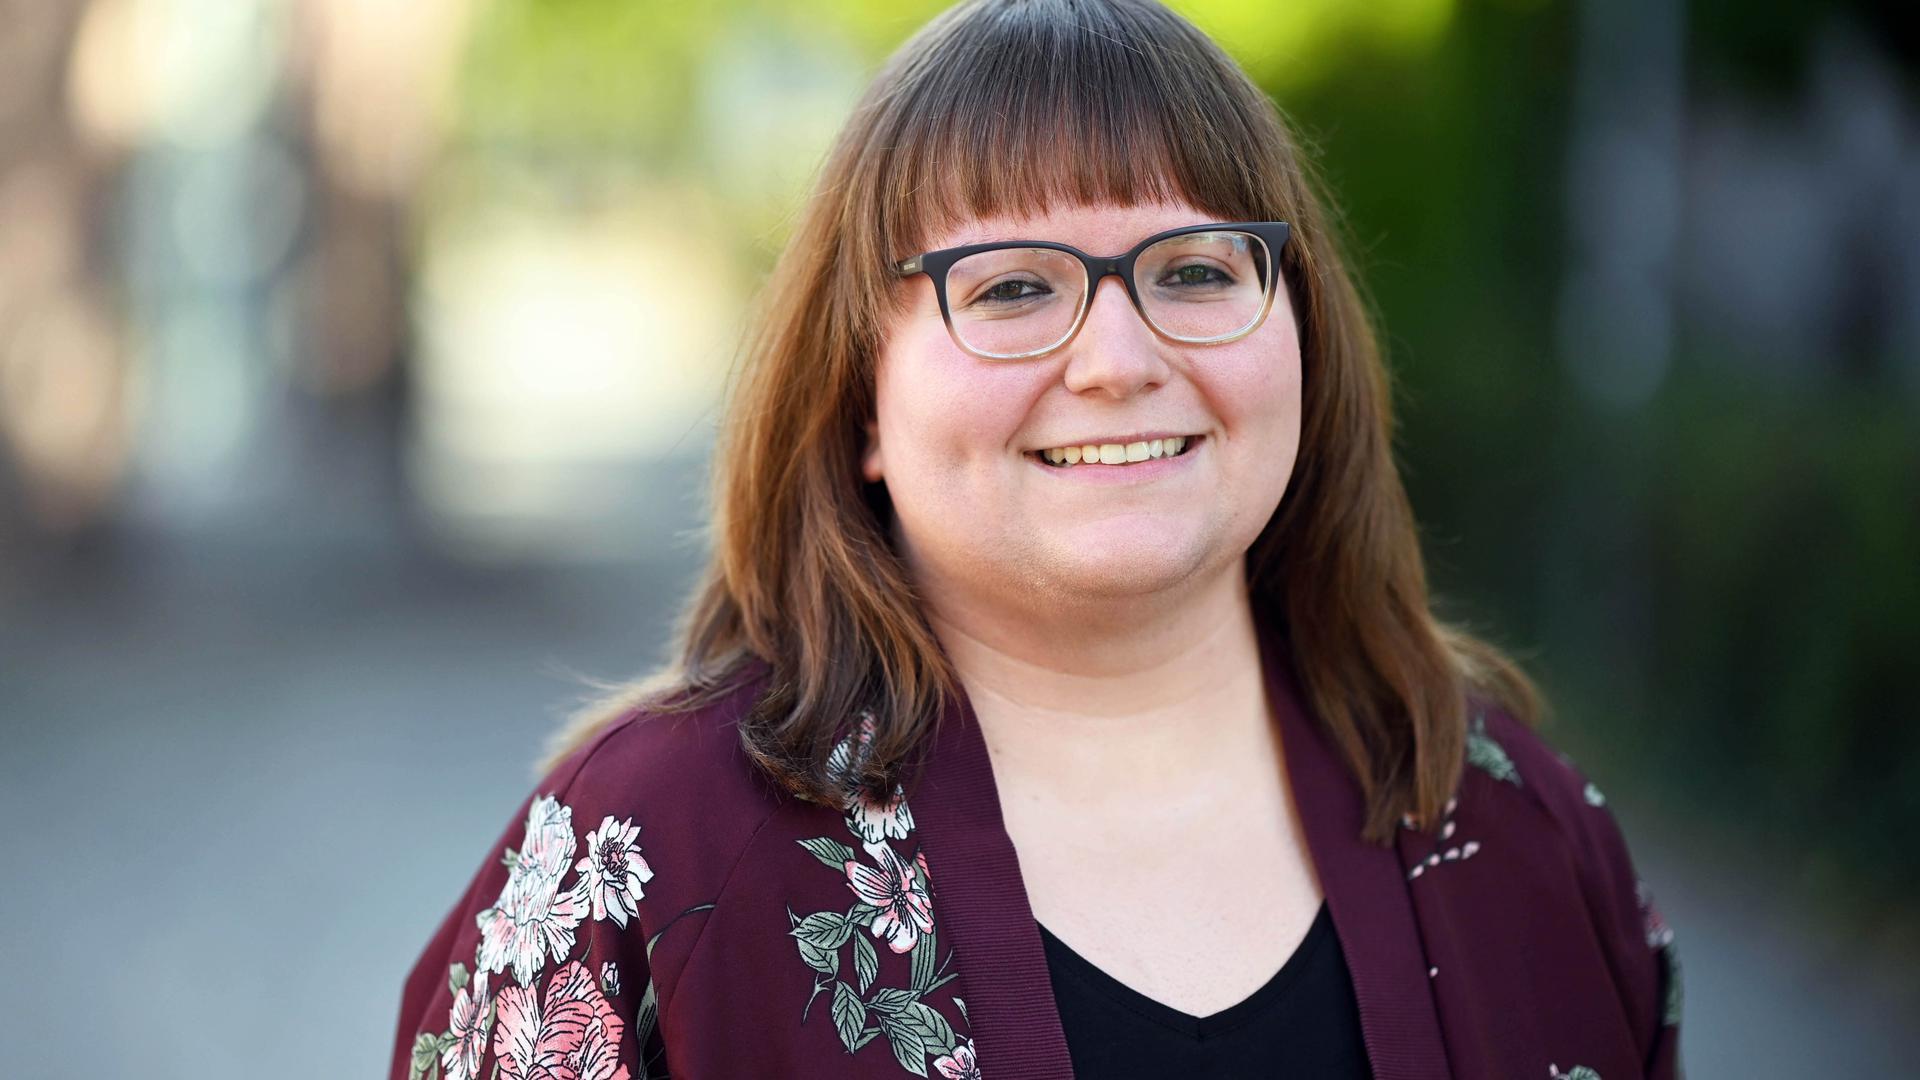 Wachsender Einfluss in der Partei: Mit neuem Selbstbewusstsein wollen die baden-württembergische Juso-Landeschefin Lara Herter und andere junge Sozialdemokraten und Sozialdemokratinnen bei den bald startenden Sondierungsgesprächen in Berlin mitreden können.